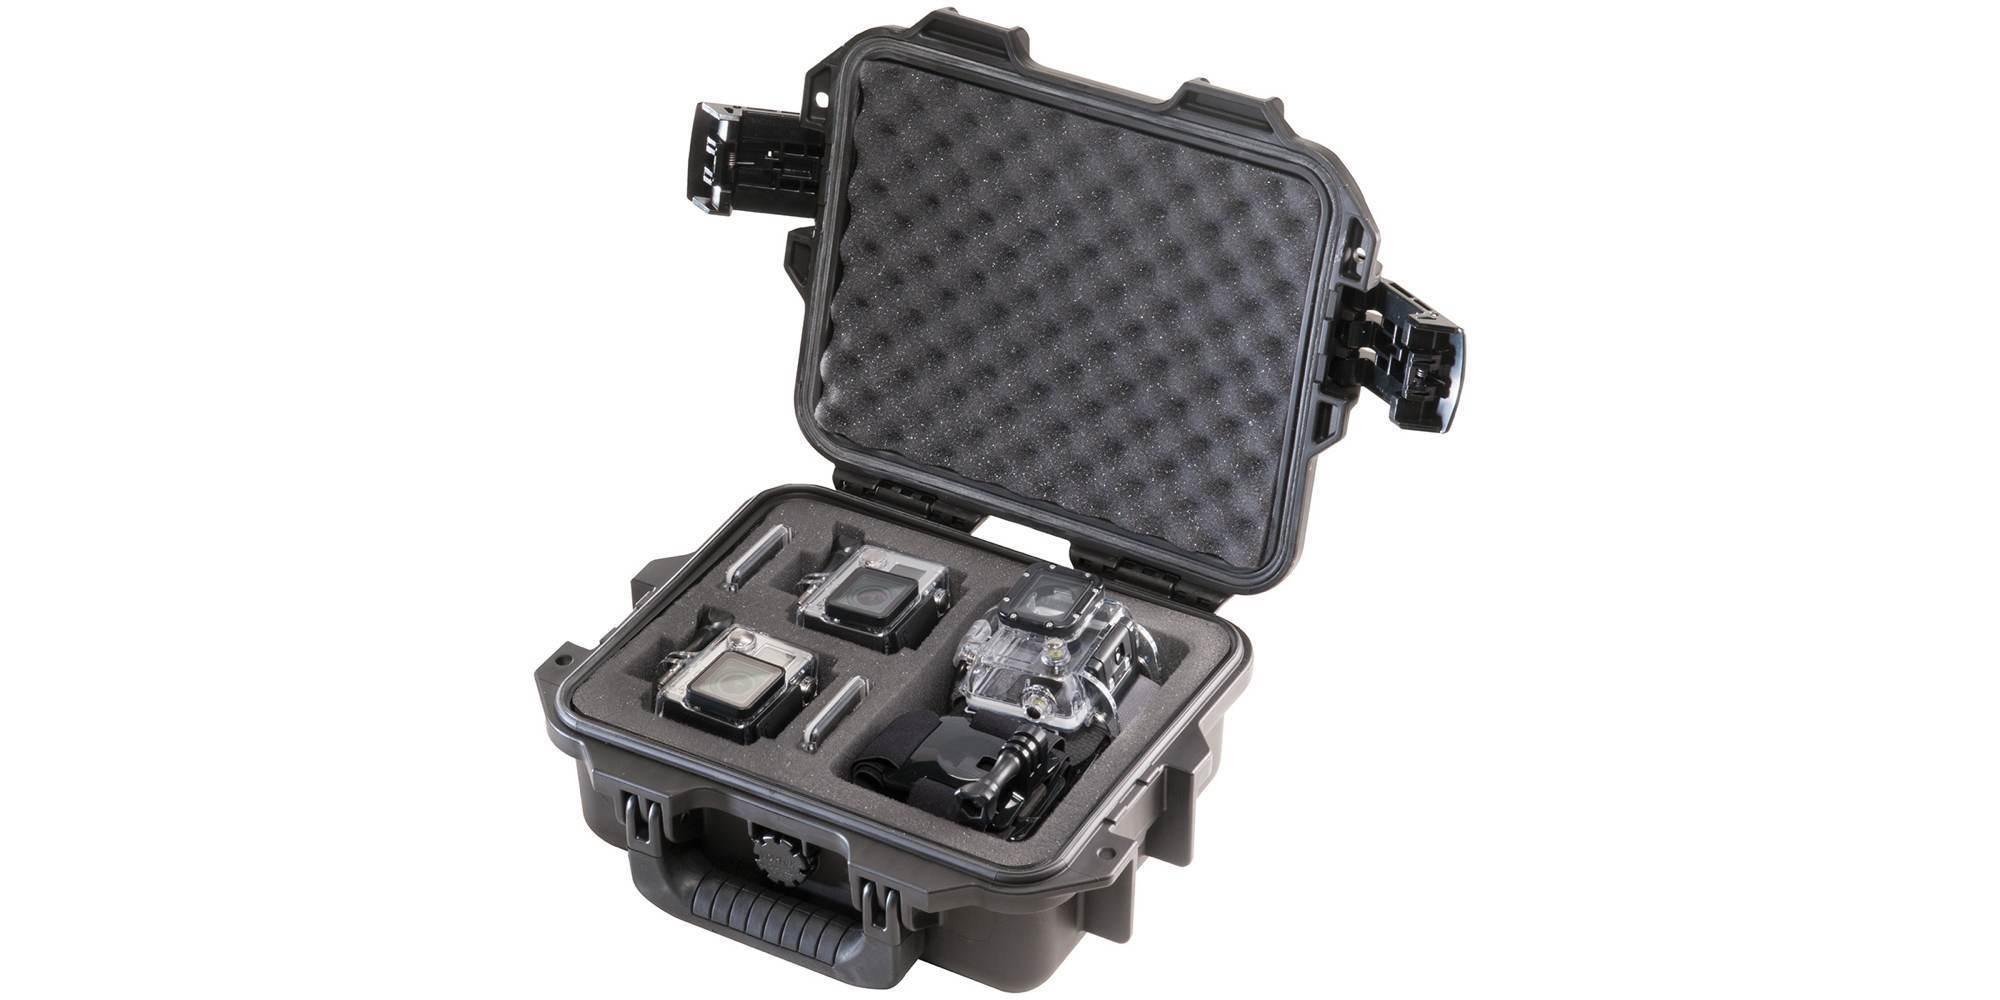 Кейс ударопрочный Peli-Storm iM2050 с камерой и аксессуарами вид сверху